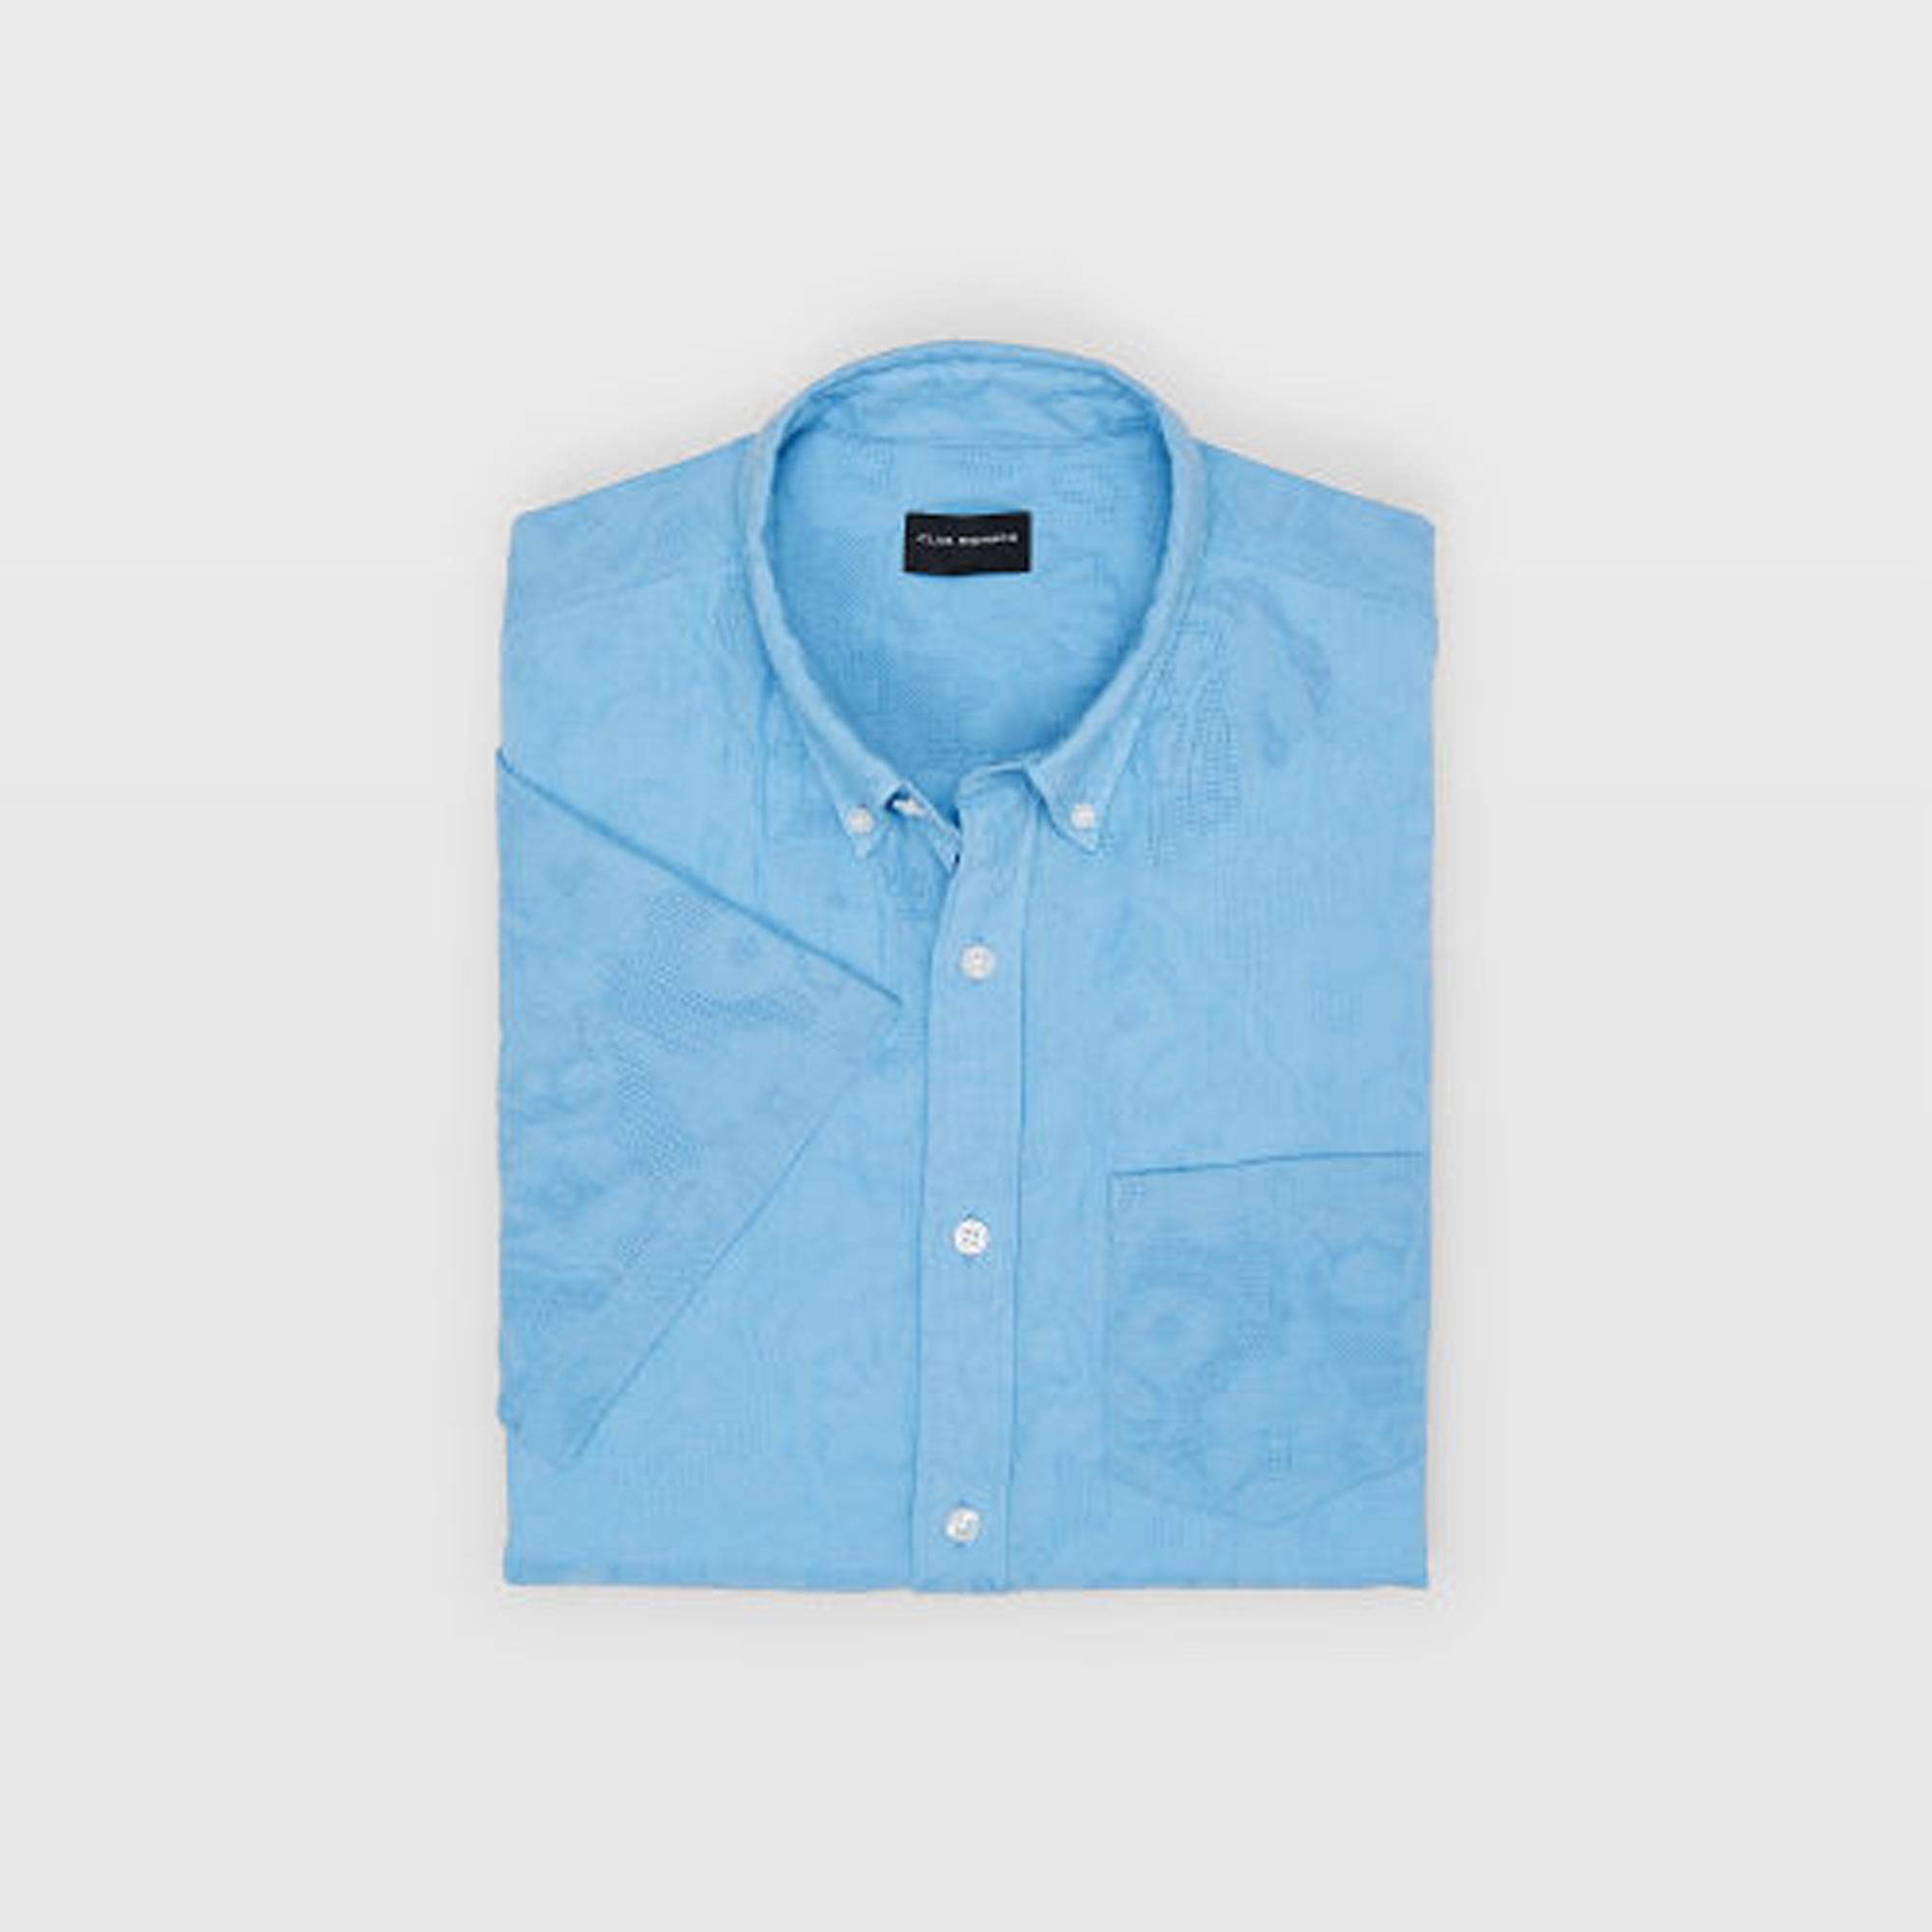 Slim Floral Jacquard Shirt   HK$890